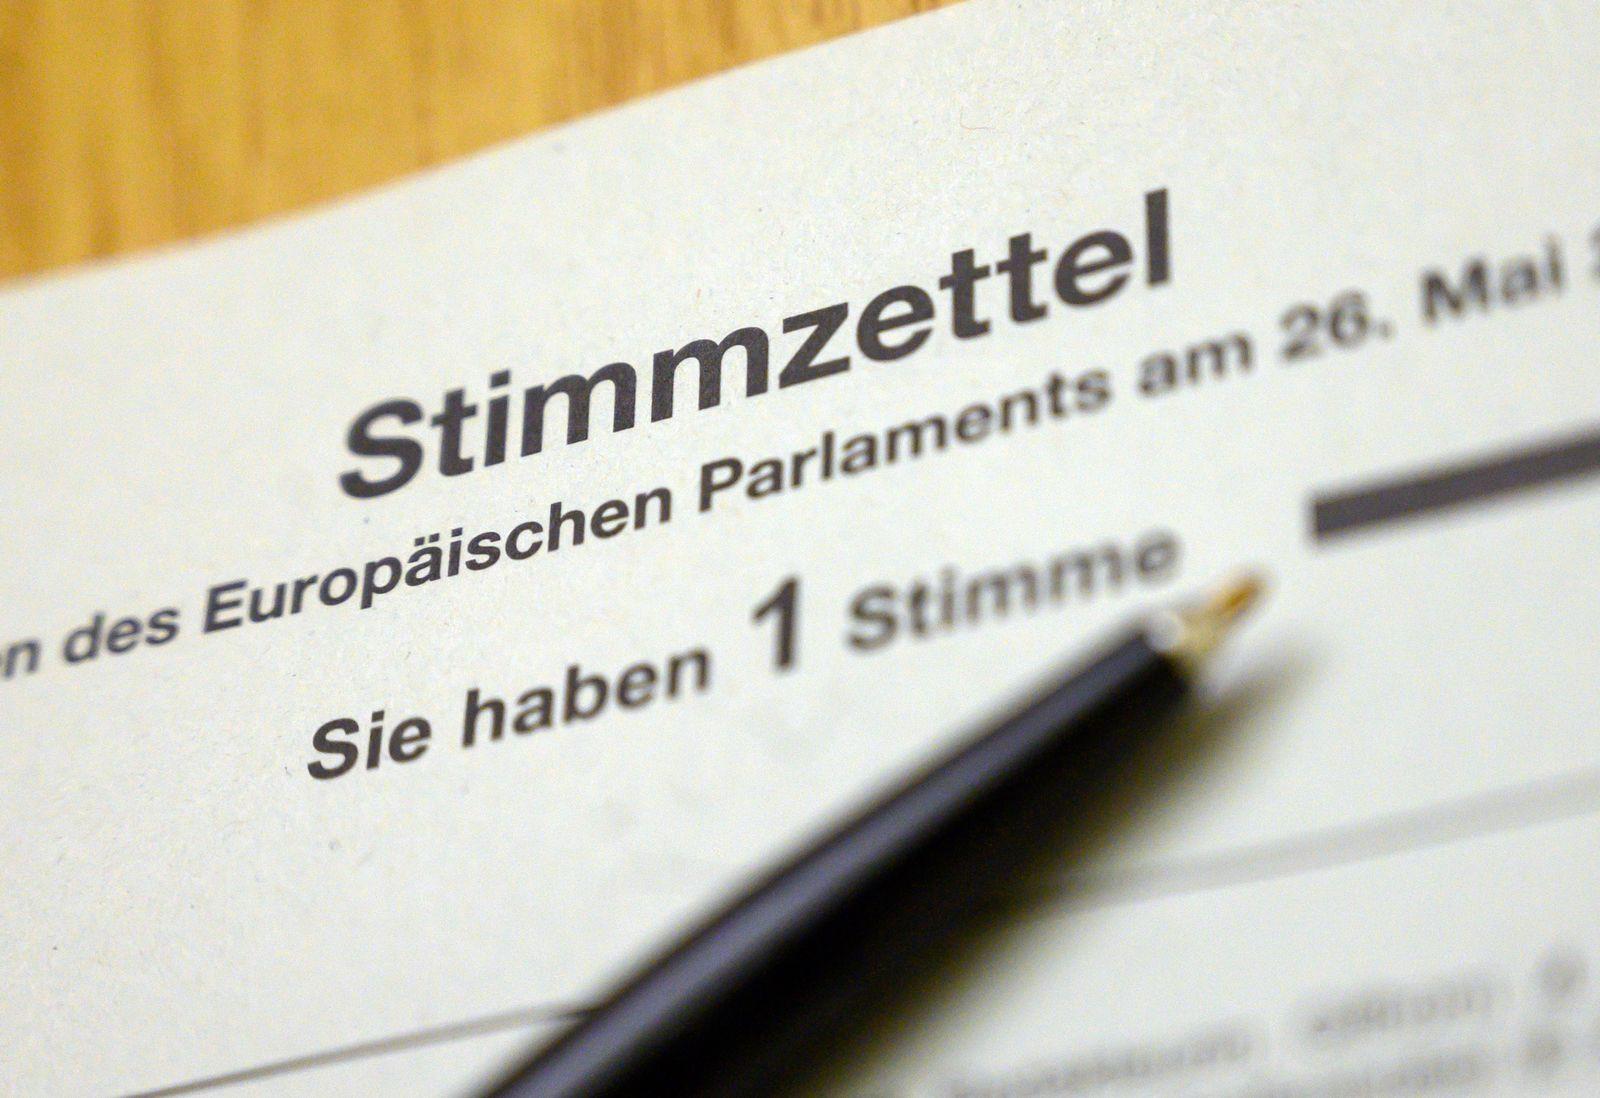 Briefwahl zur Europawahl in Hannover